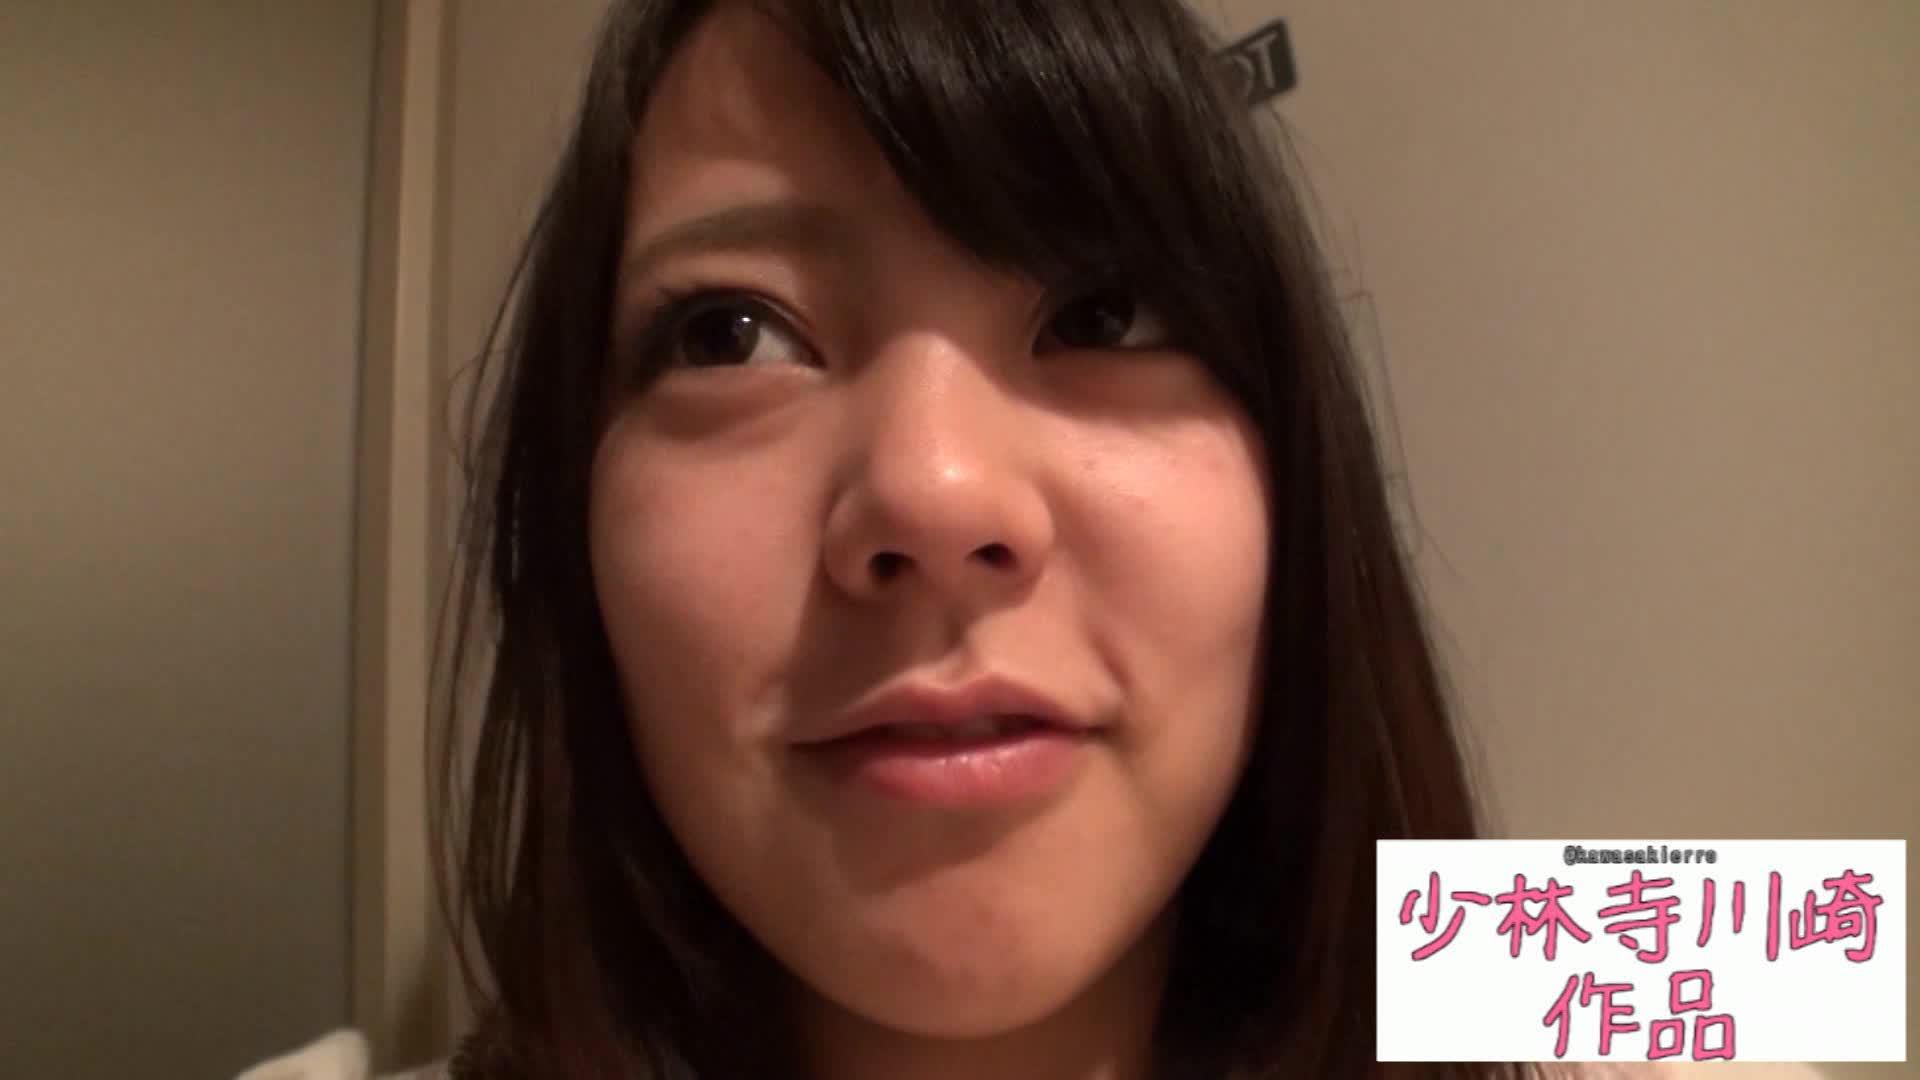 【美人・美女のハメ撮り・主観動画】超ロリ可愛い歯科助手の美人お姉さんを...